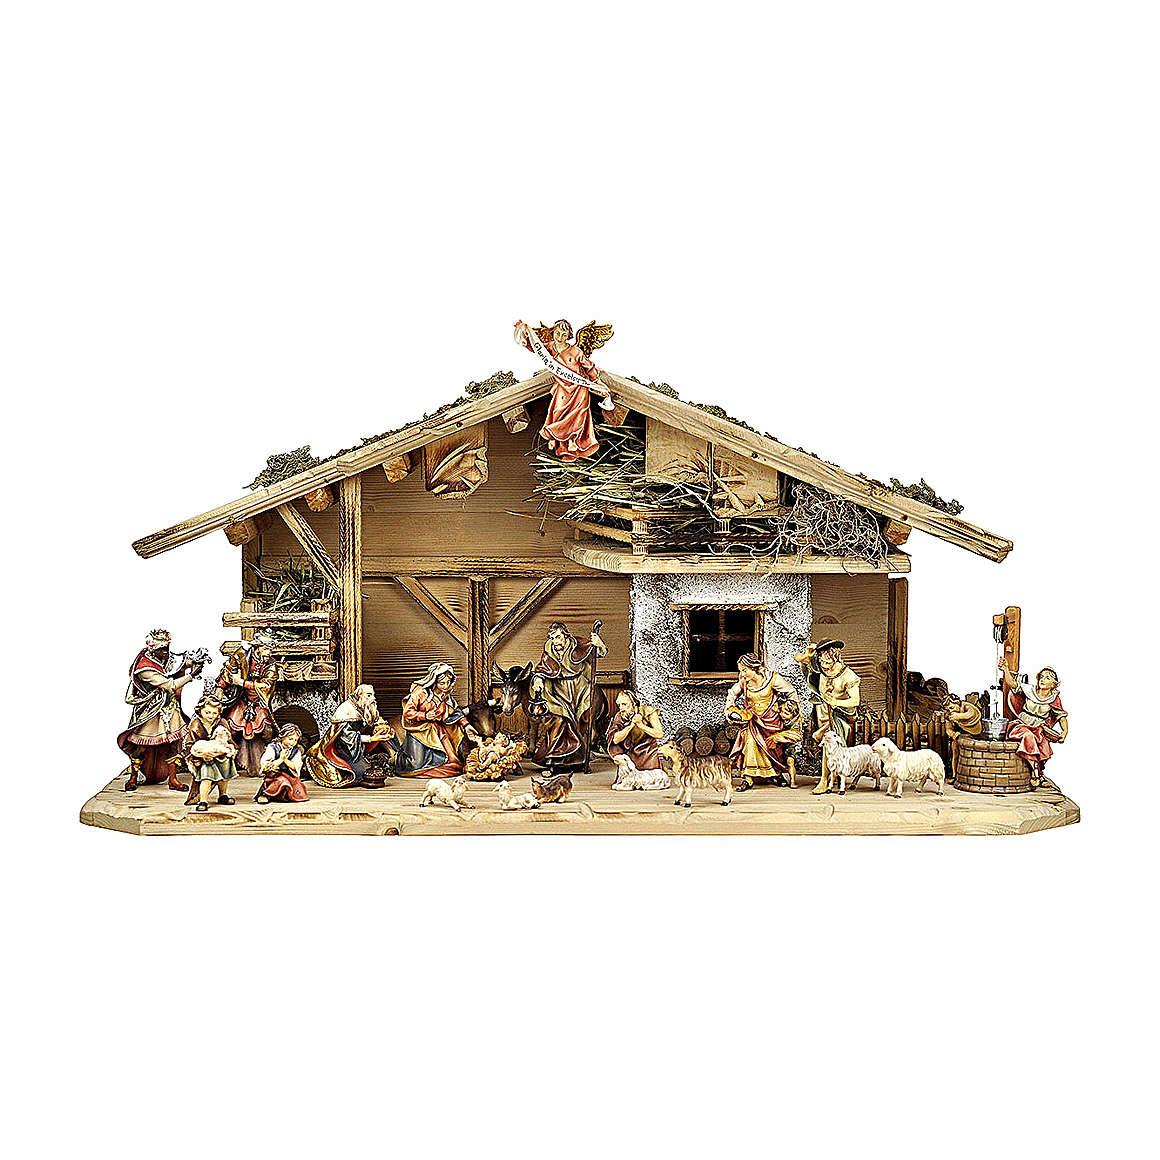 Crèche rois mages enfants bergers boeuf et âne mod. Original bois peint Val Gardena 12 cm 22  pcs 4